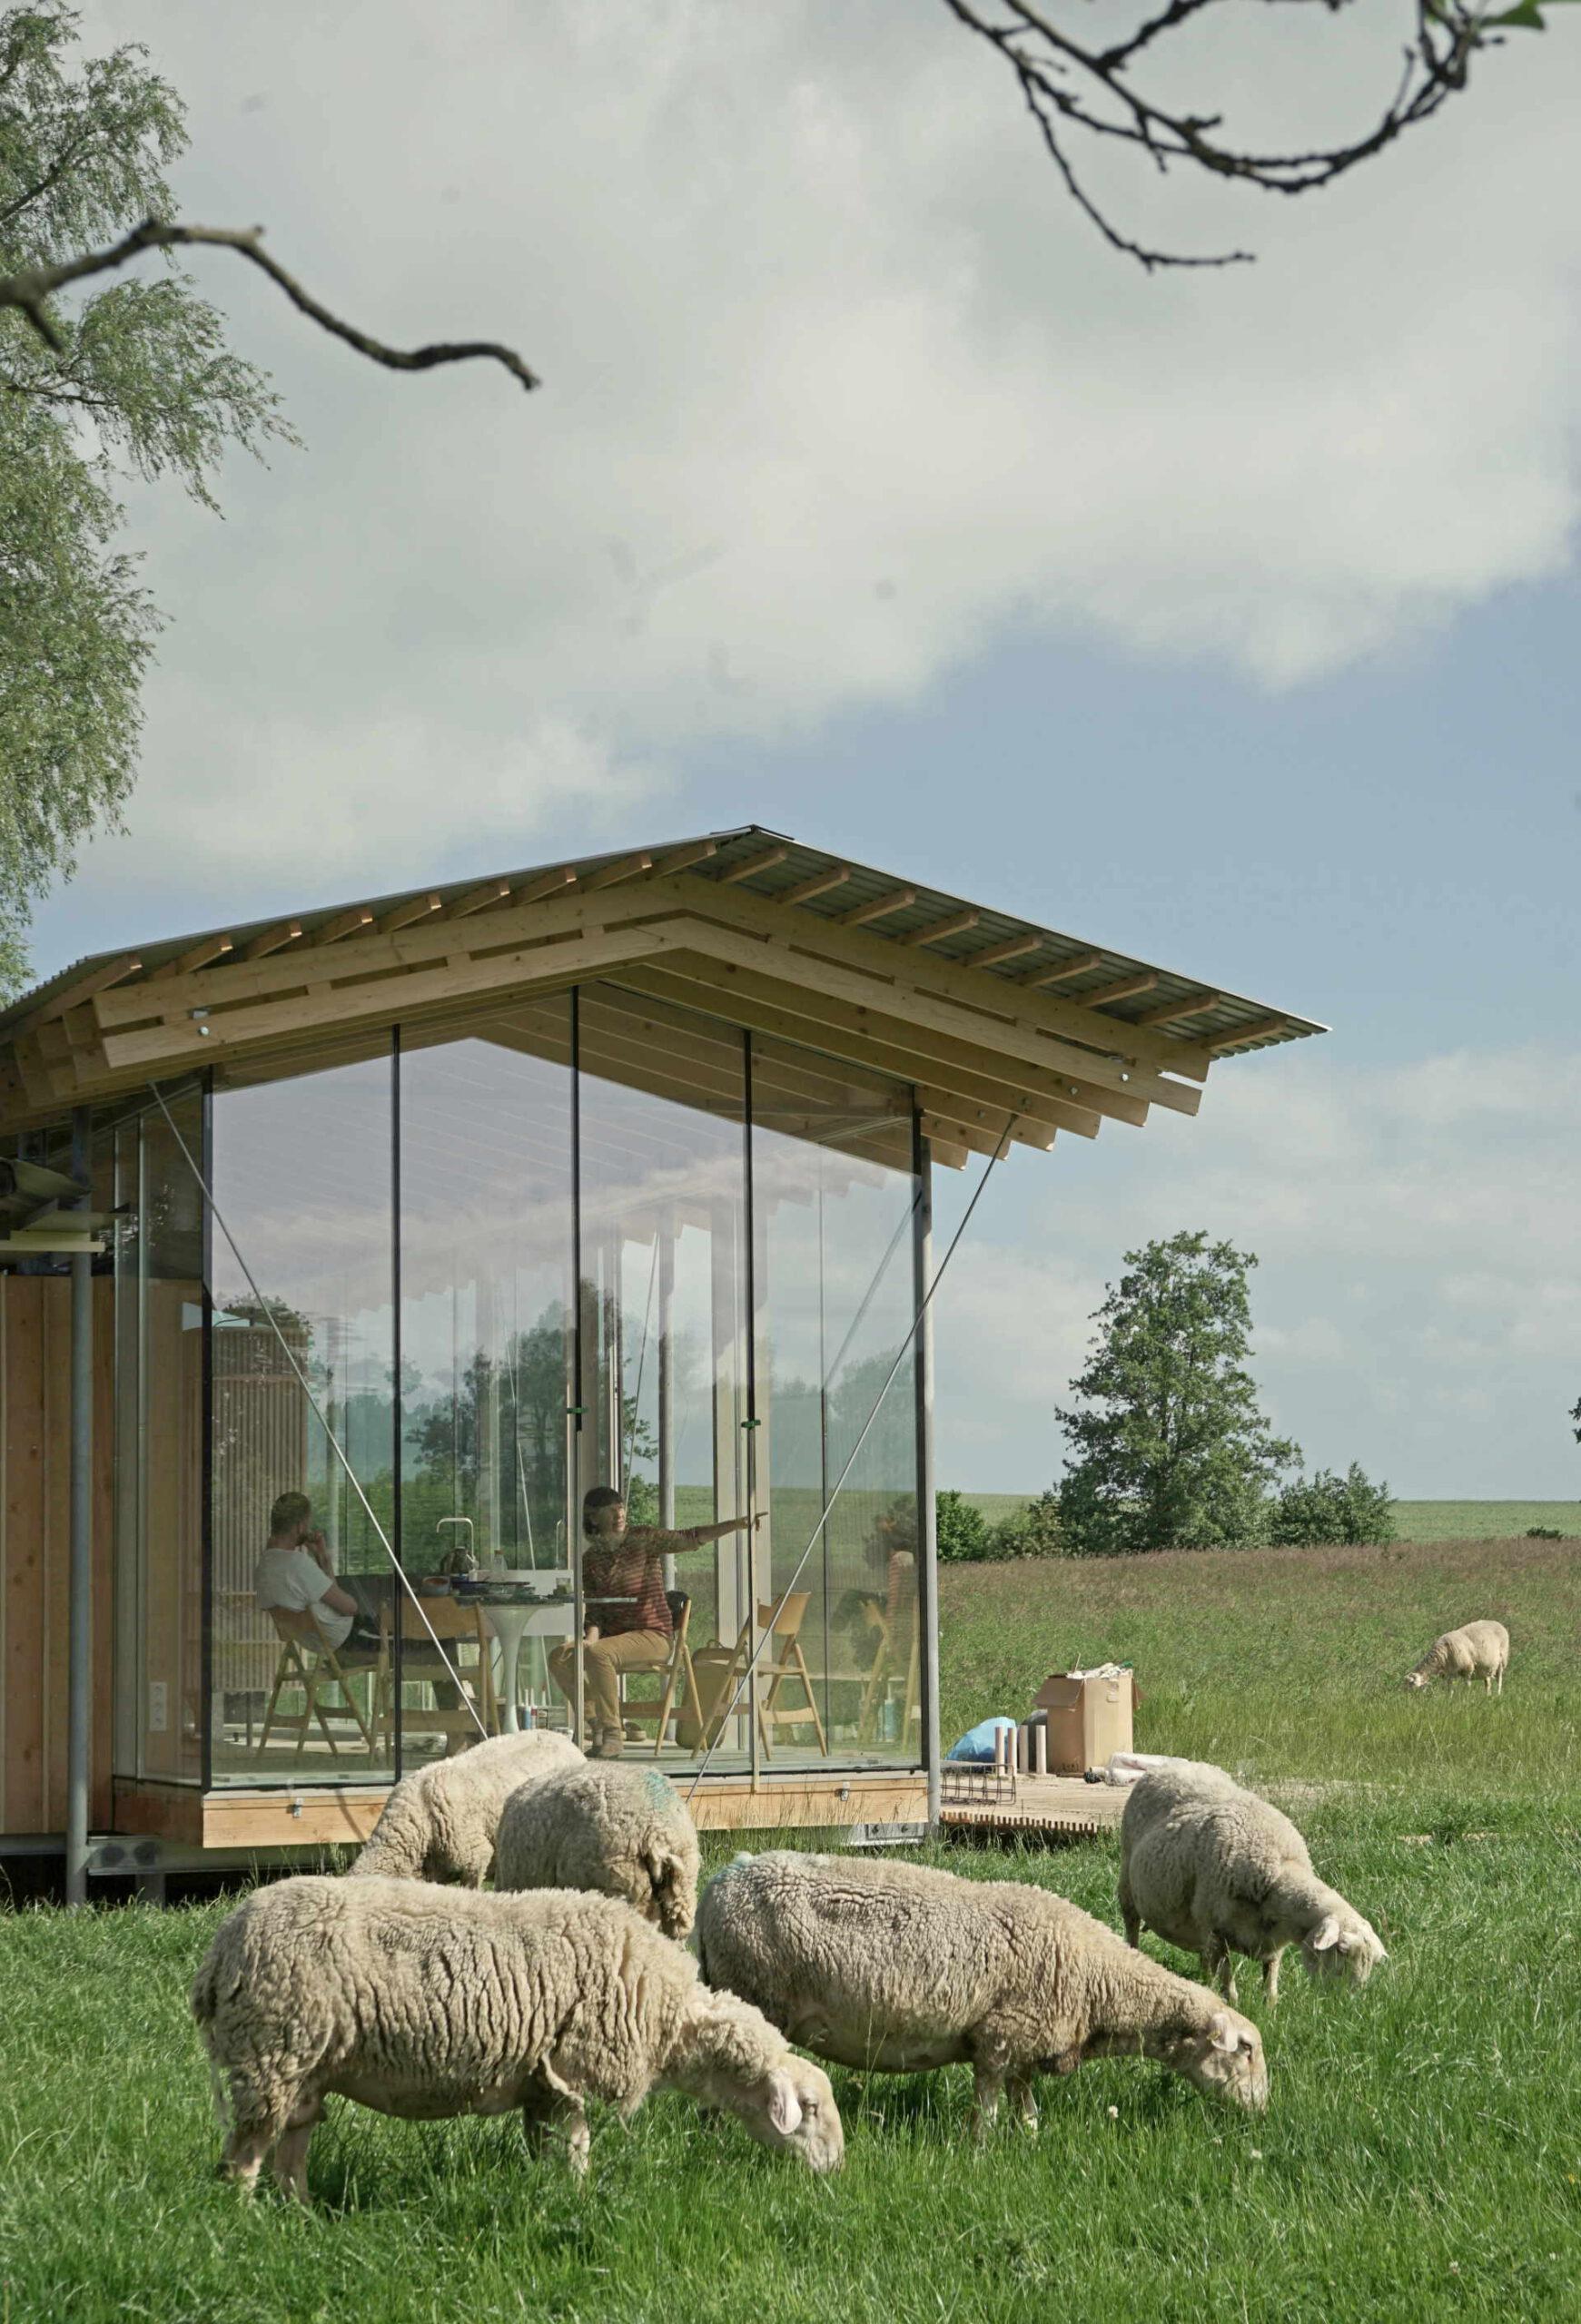 Ferienhaus Hof Ahmen - Ansicht im Umfeld mit Schafen - Seitenansicht